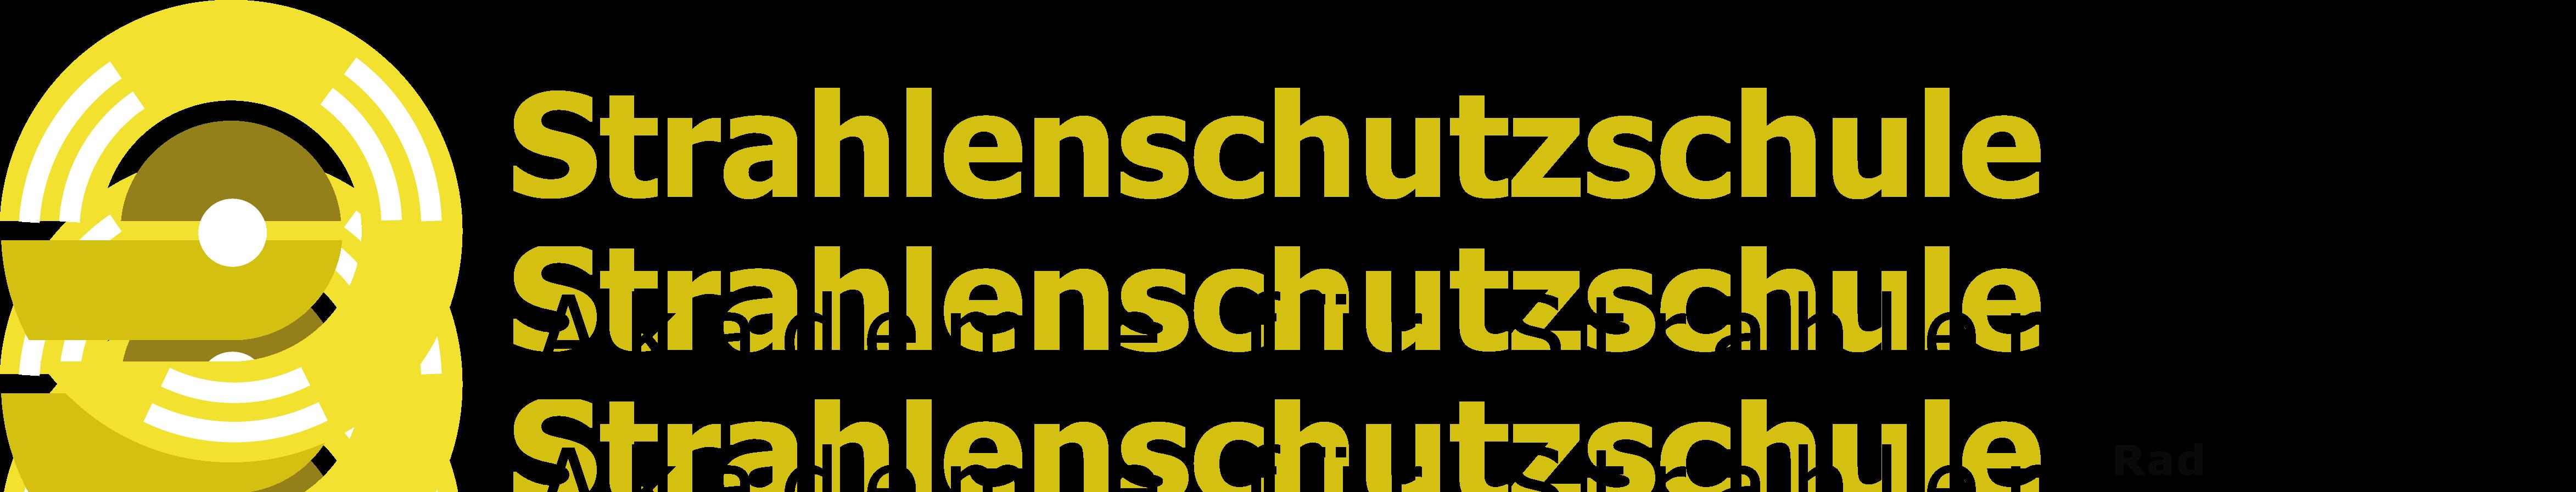 Strahlenschutzschule Hessen - Akademie für Strahlenschutz